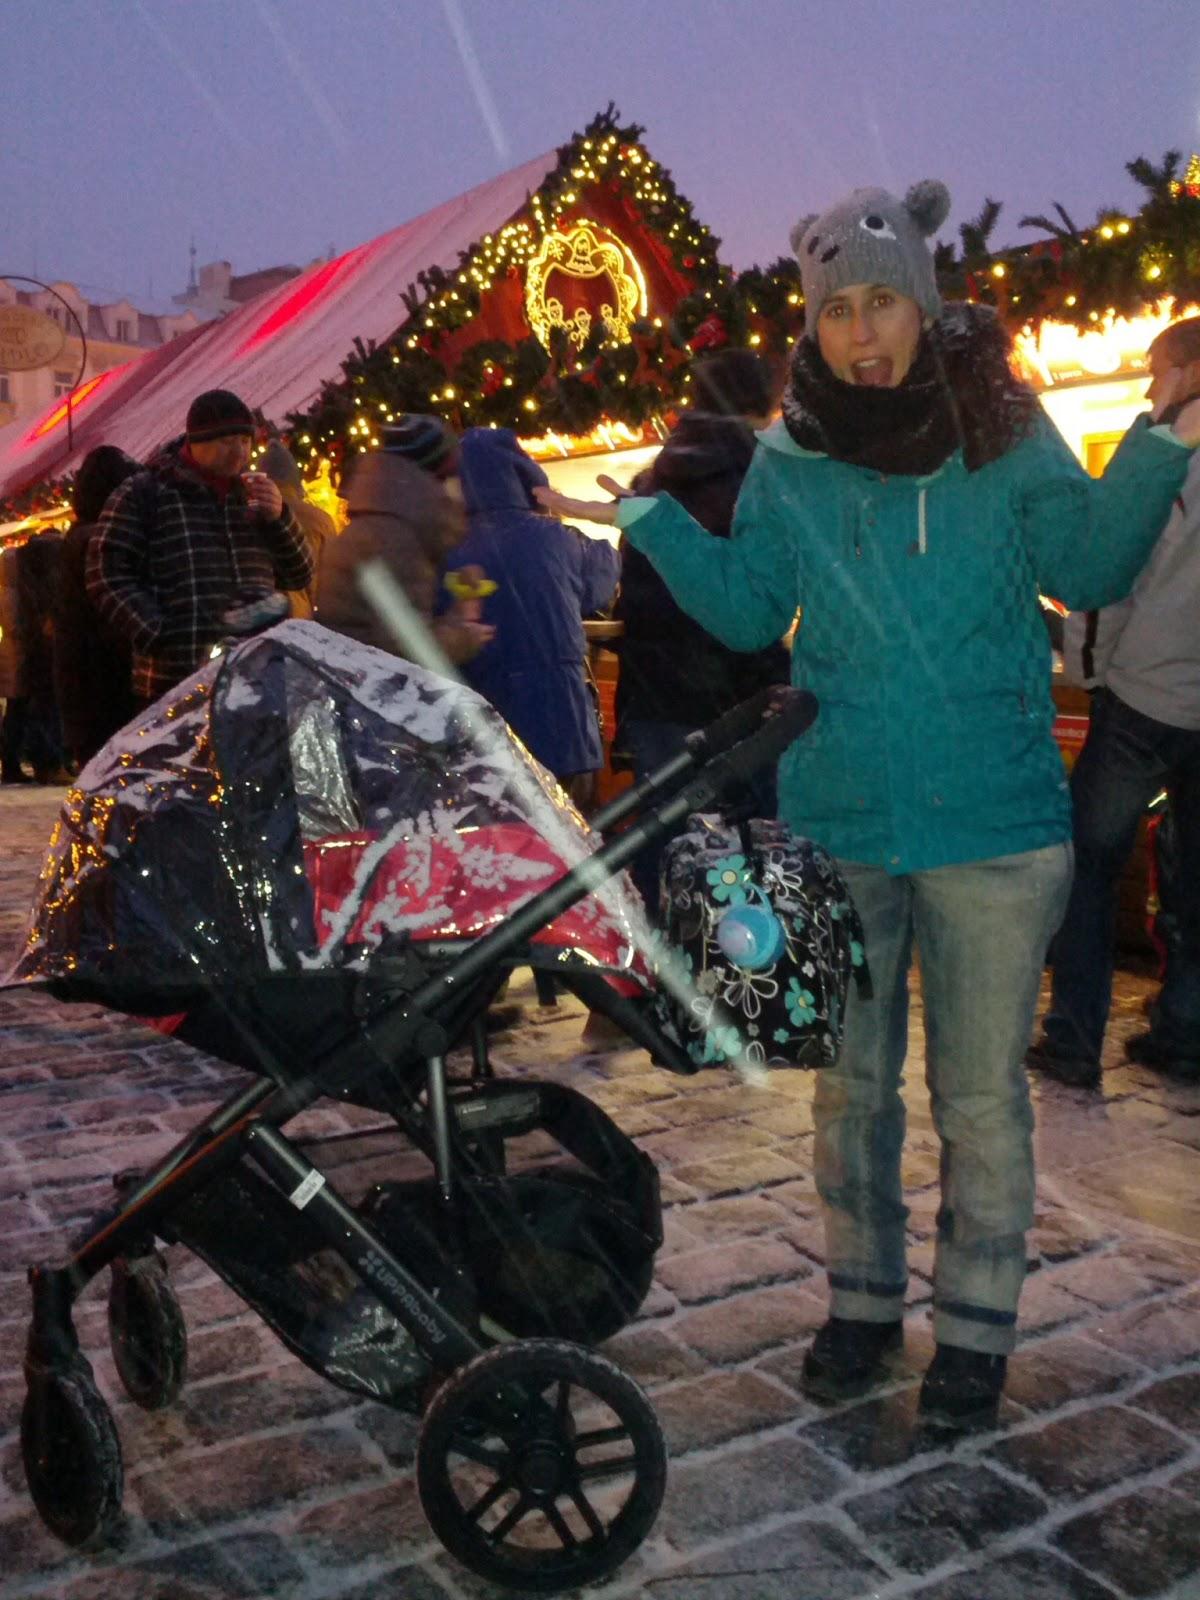 viajar con ninos en el puente de diciembre: